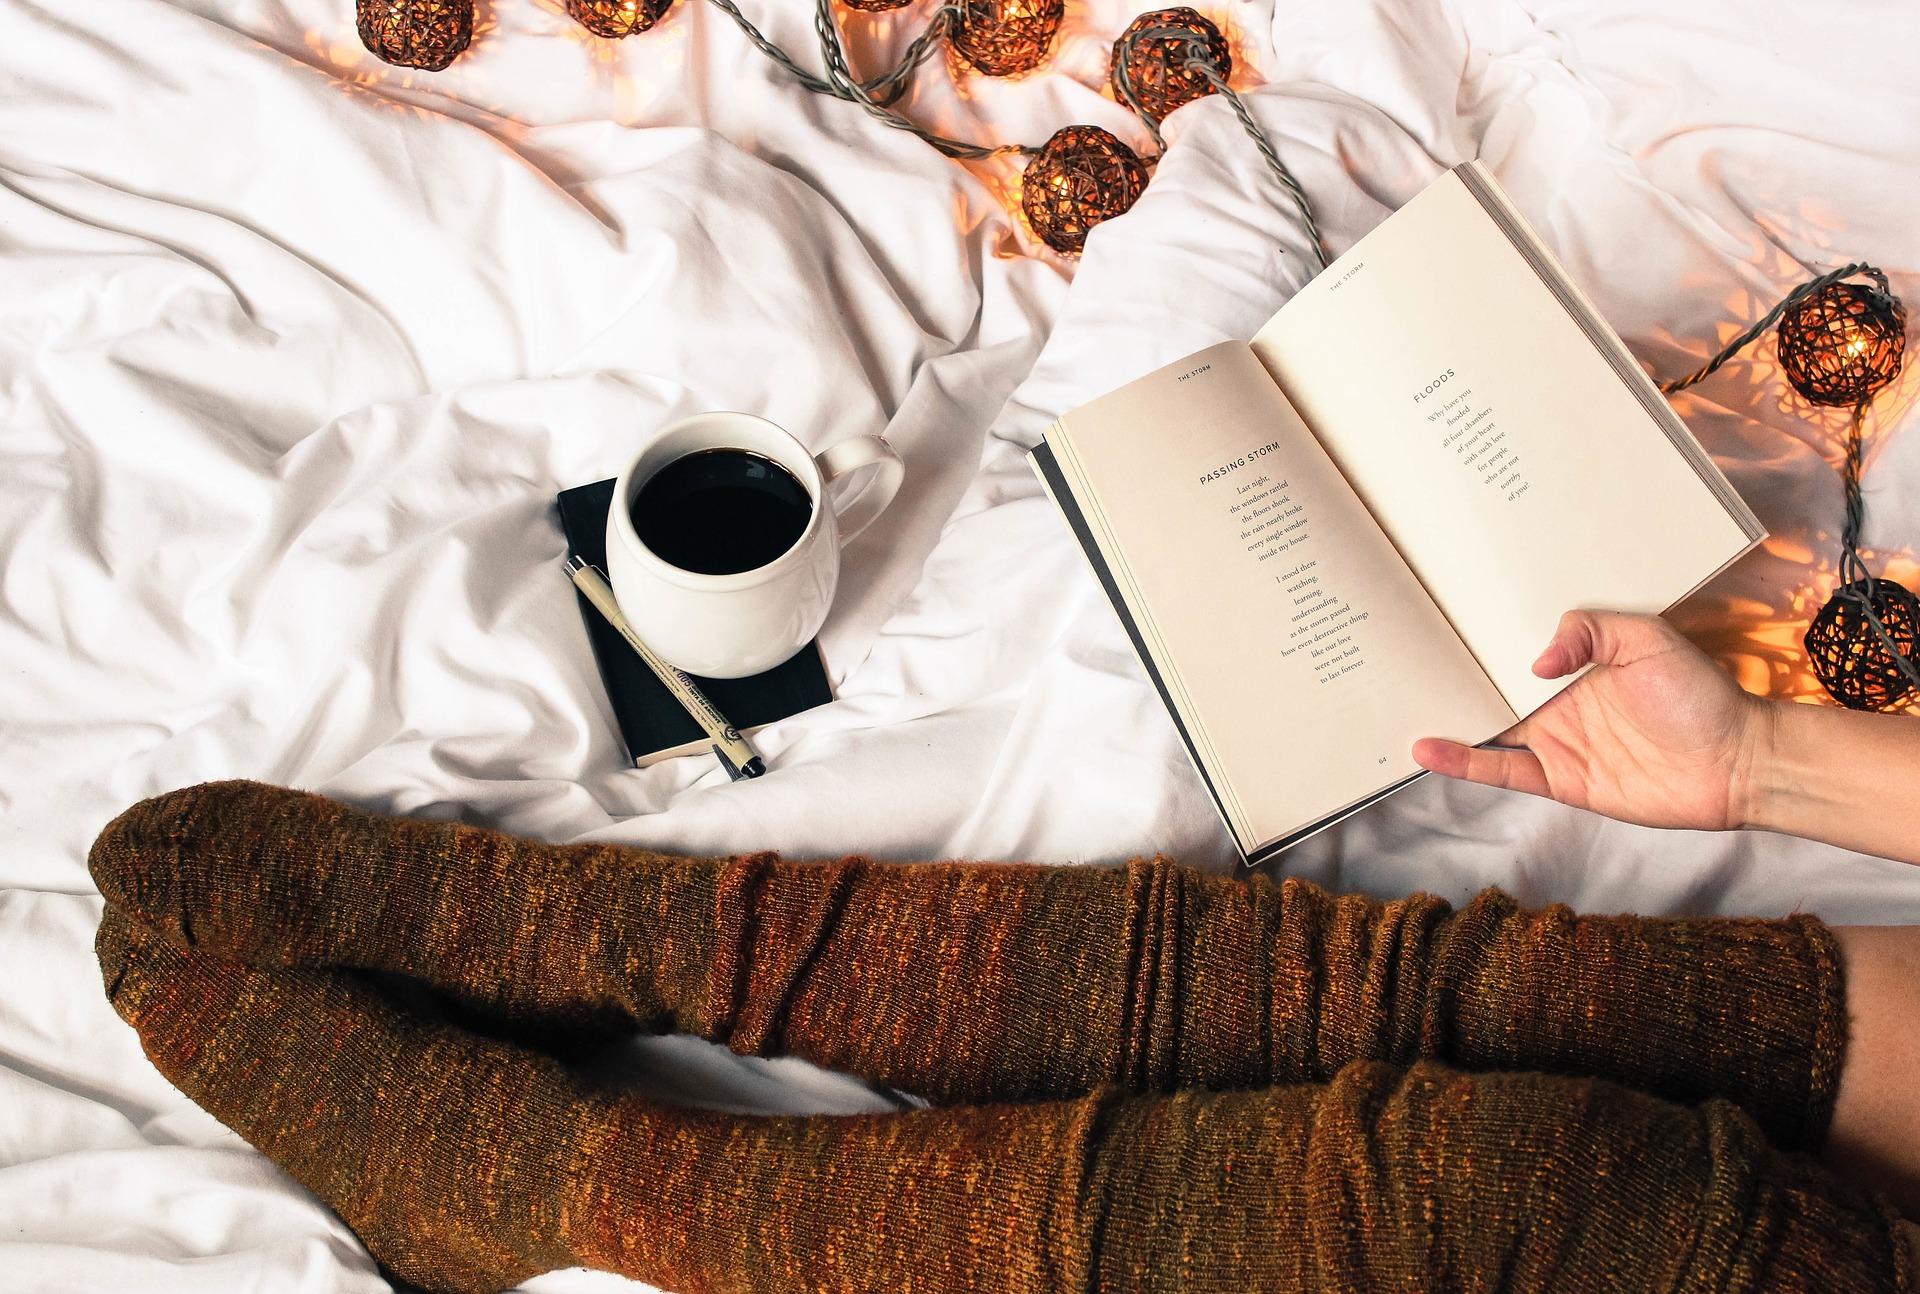 今のおうち時間がもっと楽しくなる、流行りのおうちカフェ風インテリア空間作りの秘法を大公開!